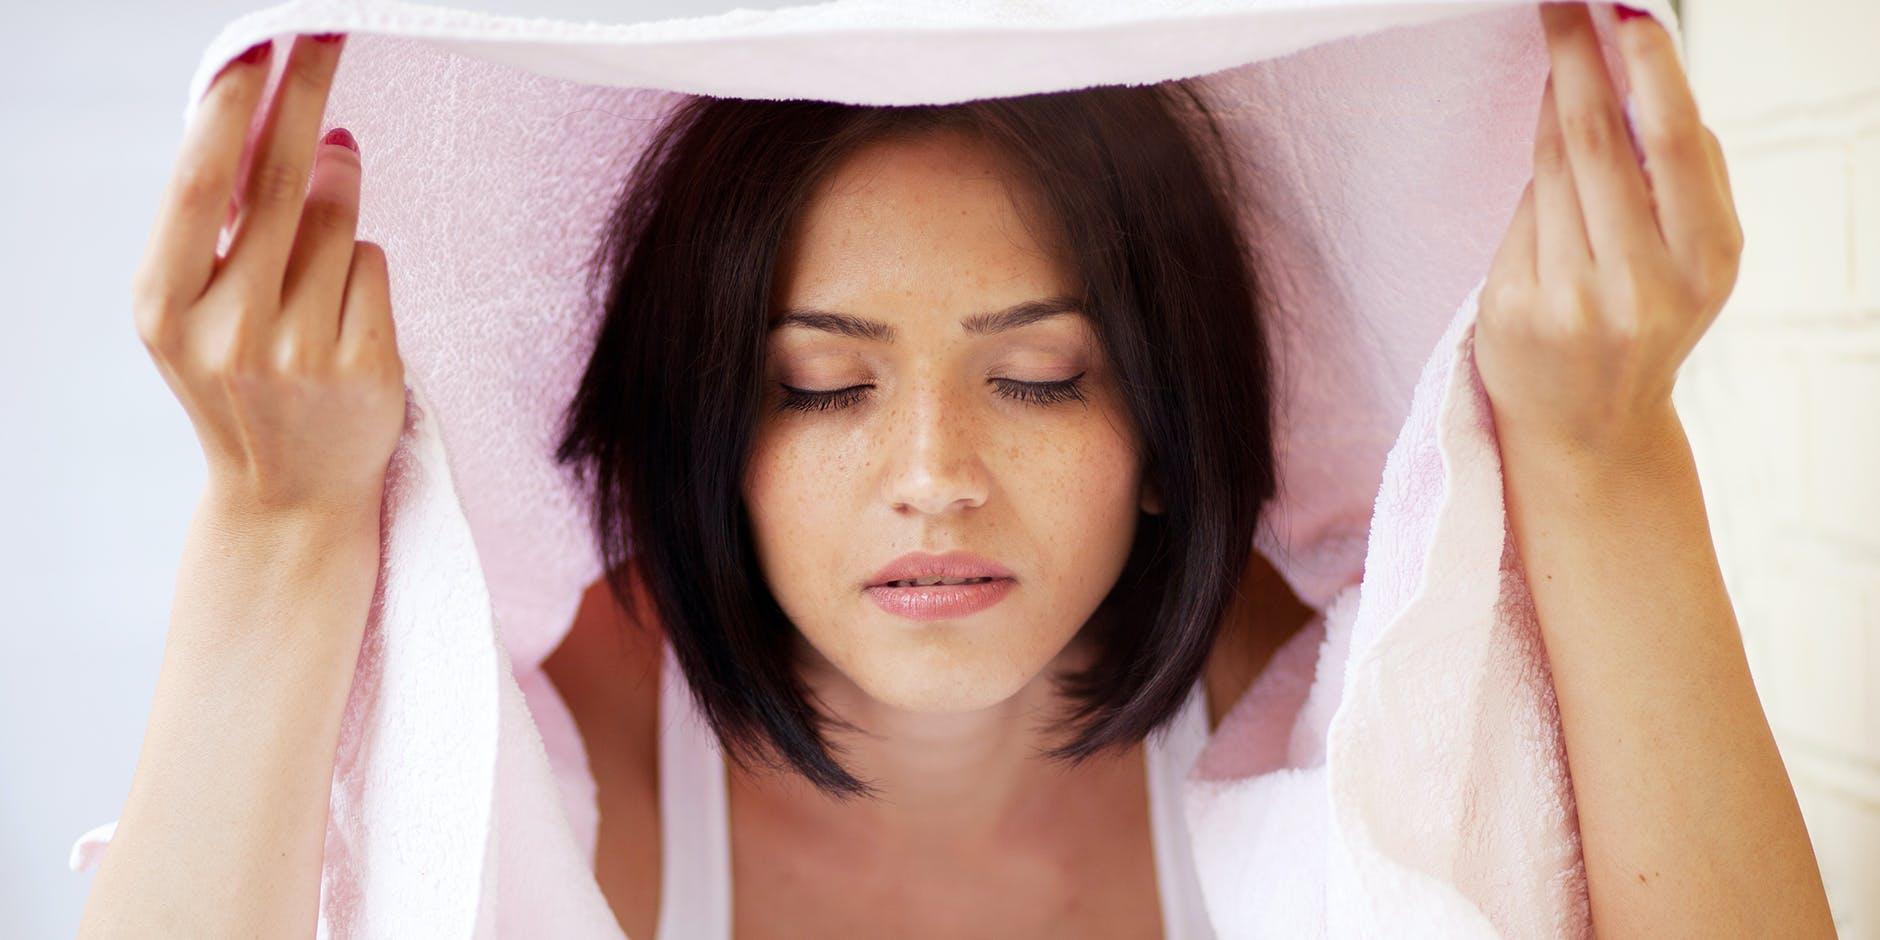 Kvinde tager dampbad mod forkølelse